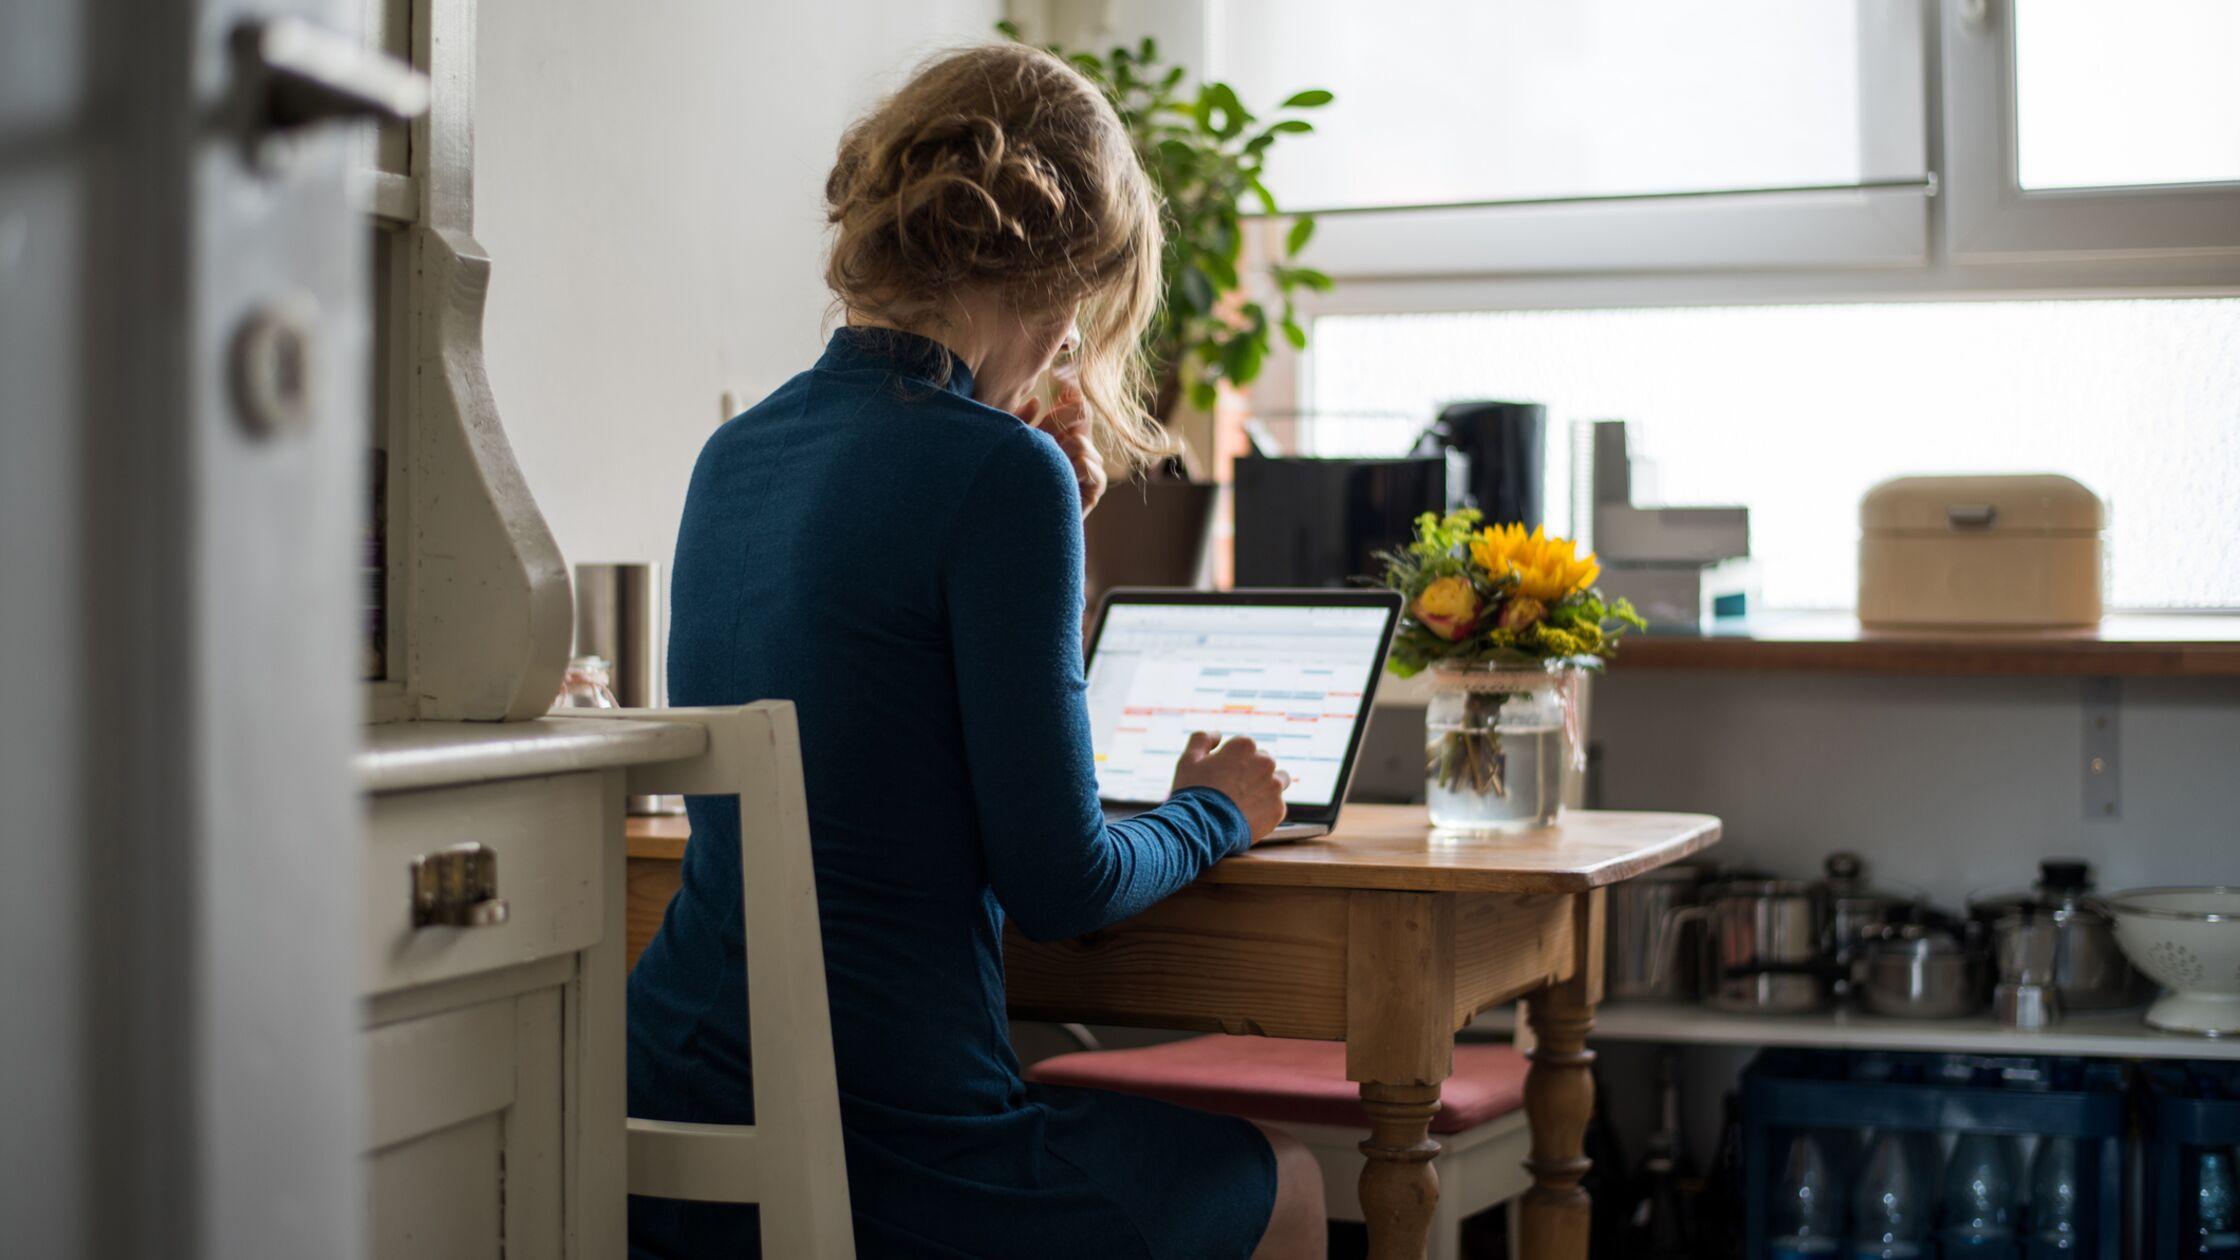 Junge Frau sitzt am Schreibtisch und arbeitet am Laptop